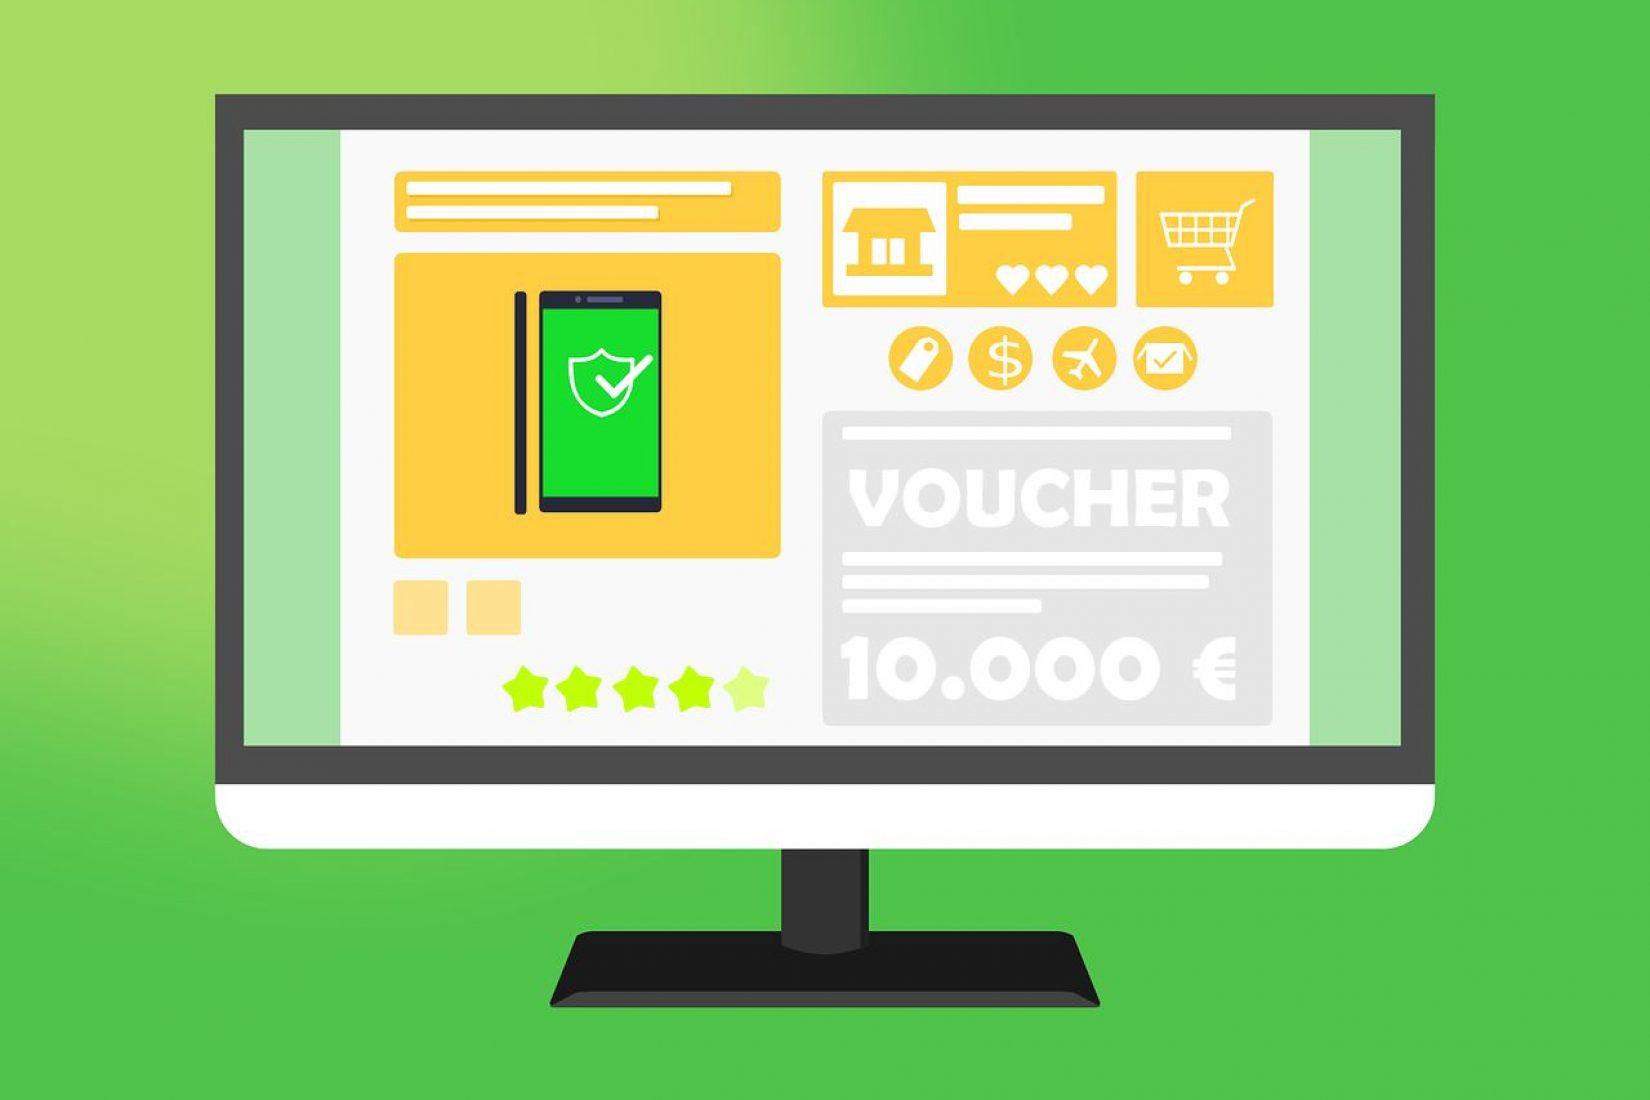 Contributo a fondo perduto per la realizzazione di e-commerce